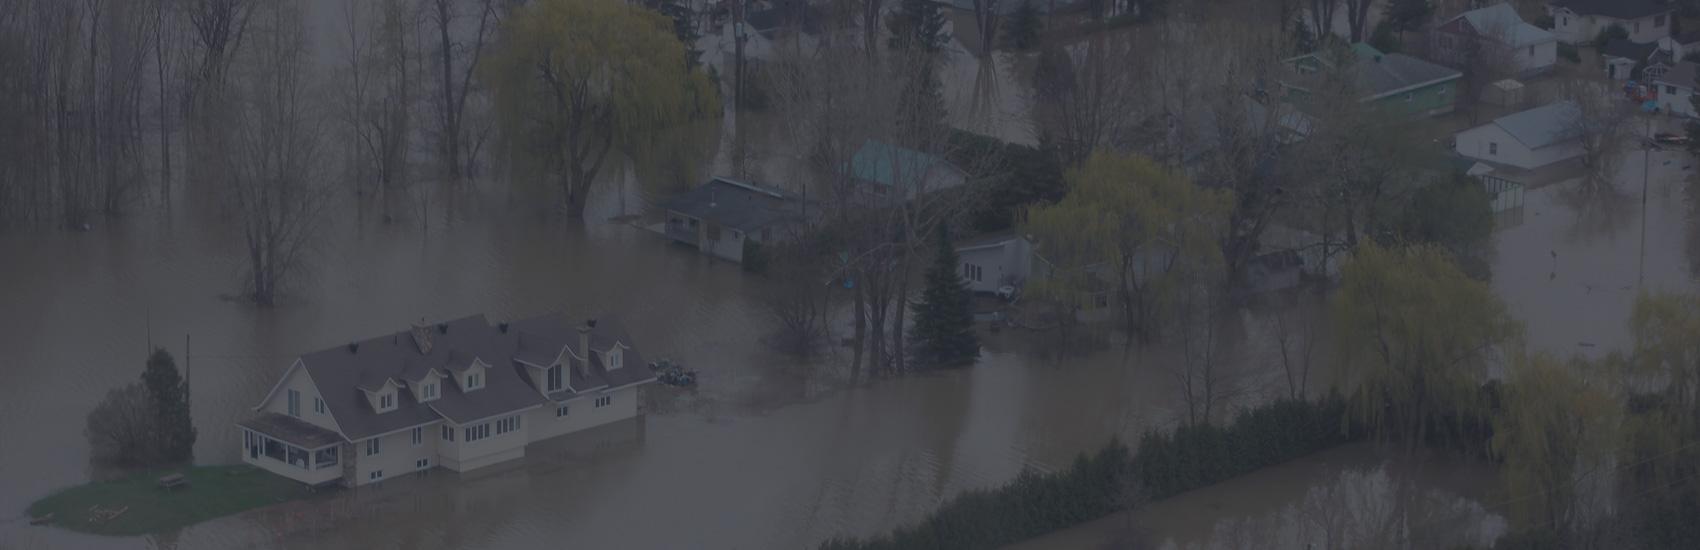 Inondations2017: recensement à Rigaud en vue de l'hiver